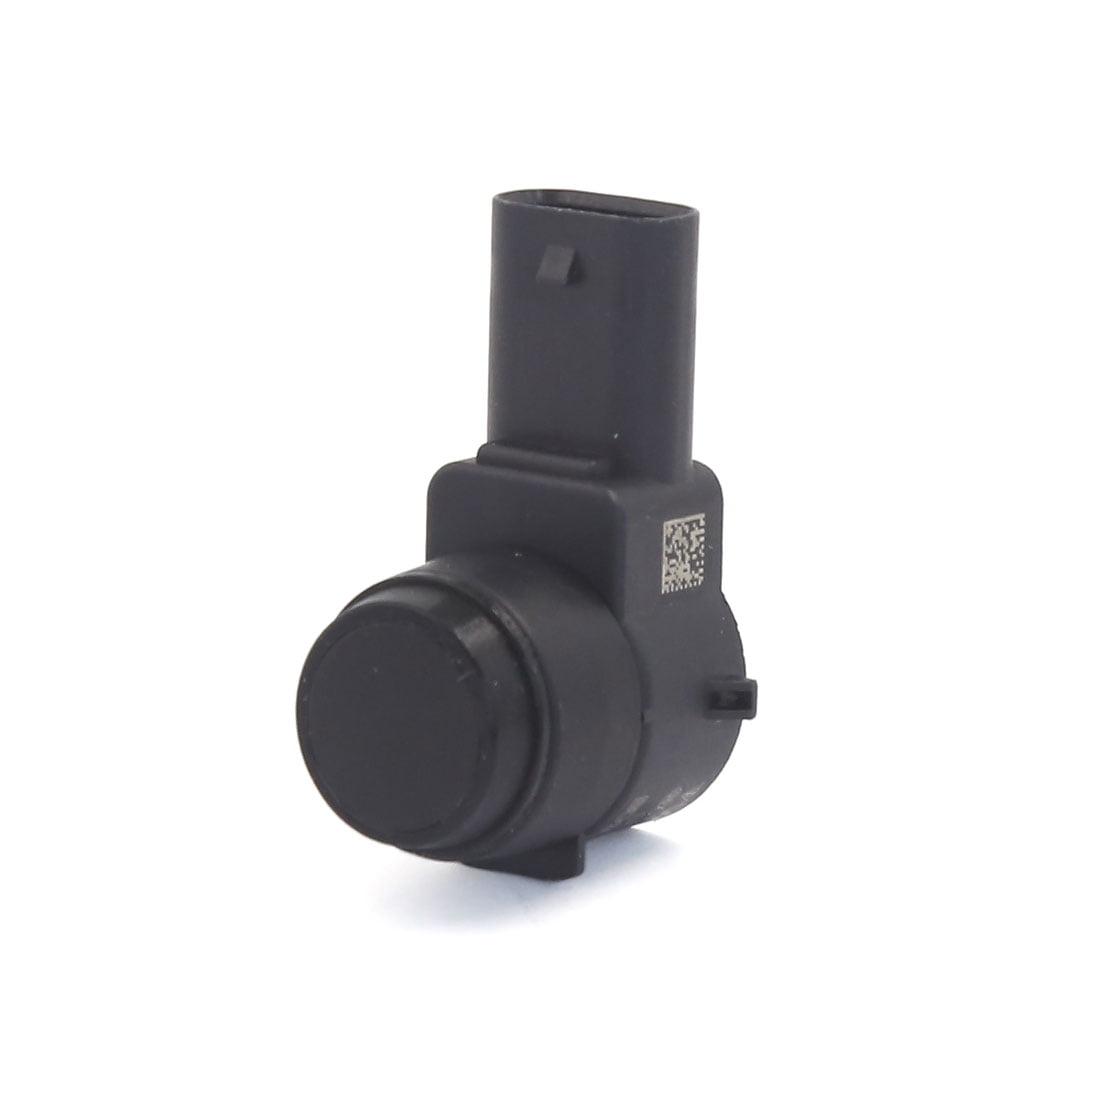 Accesorios Para Auto 7L5919275A Sensor de aparcamiento PDC se adapta para 2008-2011 VW EOS Scirocco 2.0L L4 + Unique en Veo y Compro